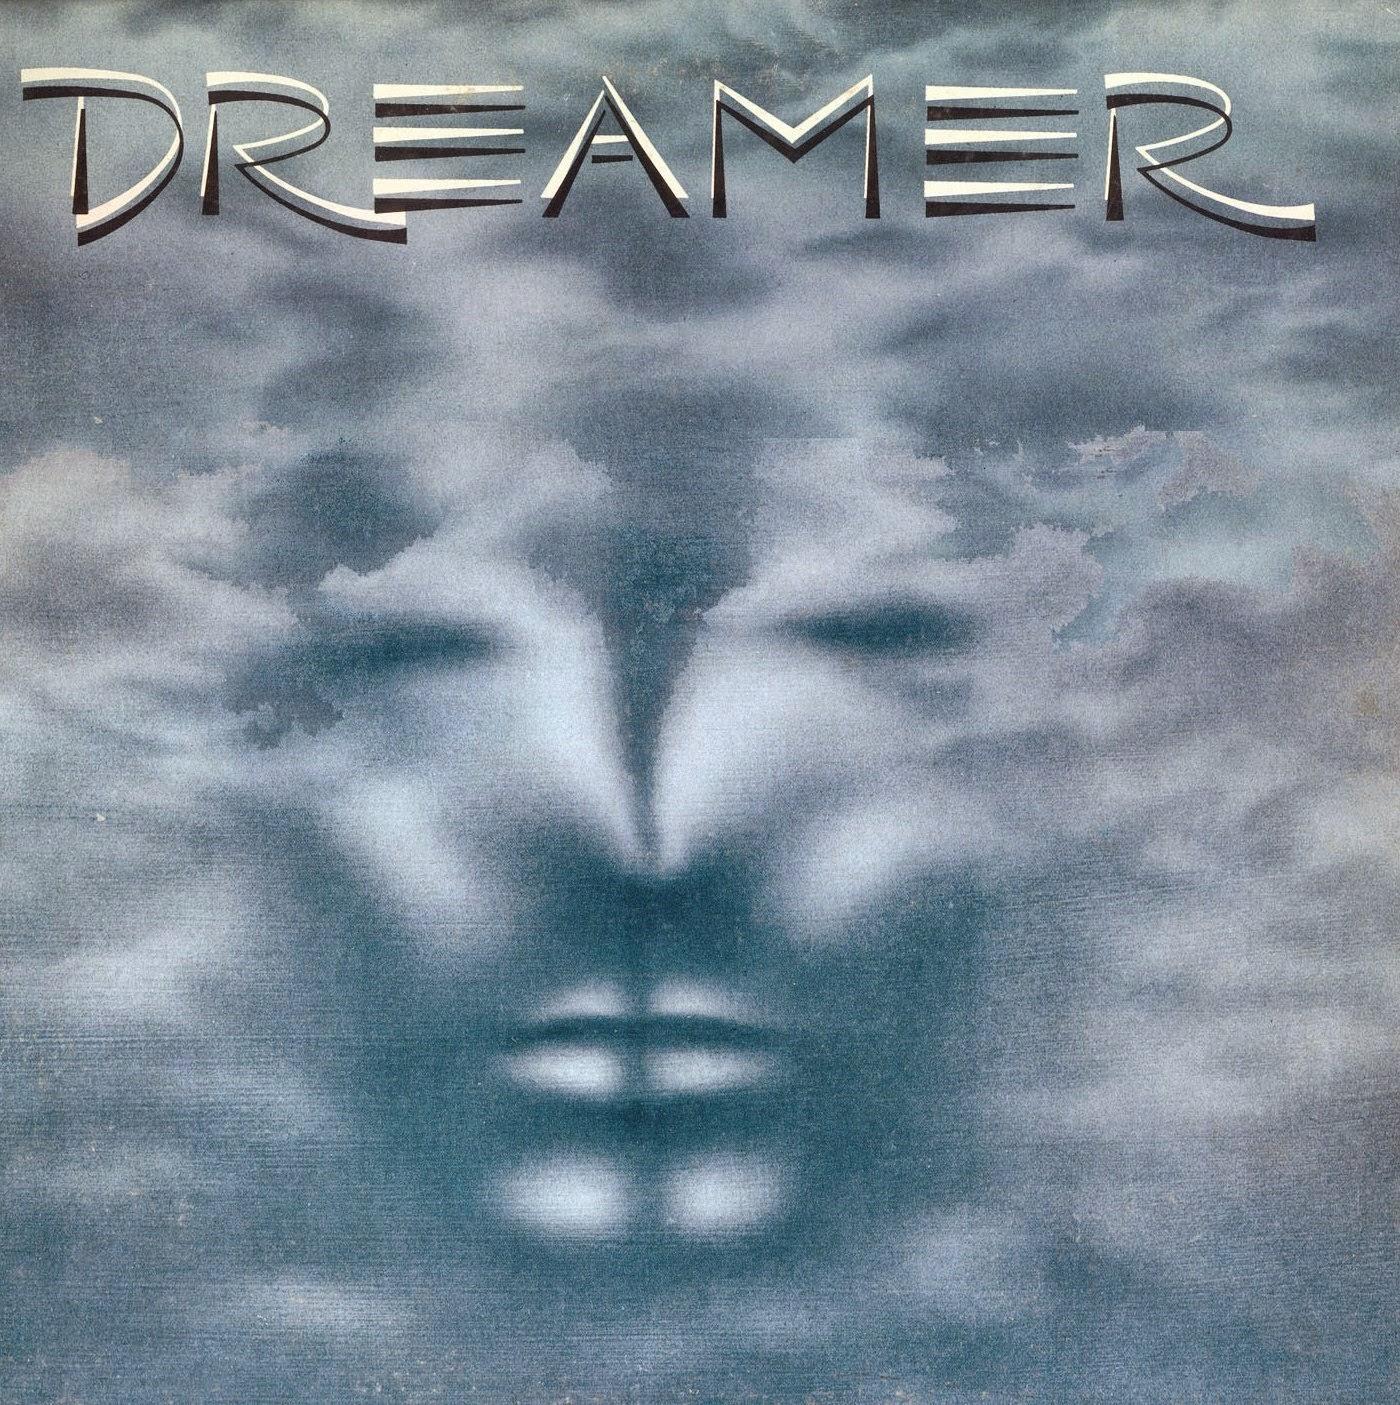 Dreamer st 1982